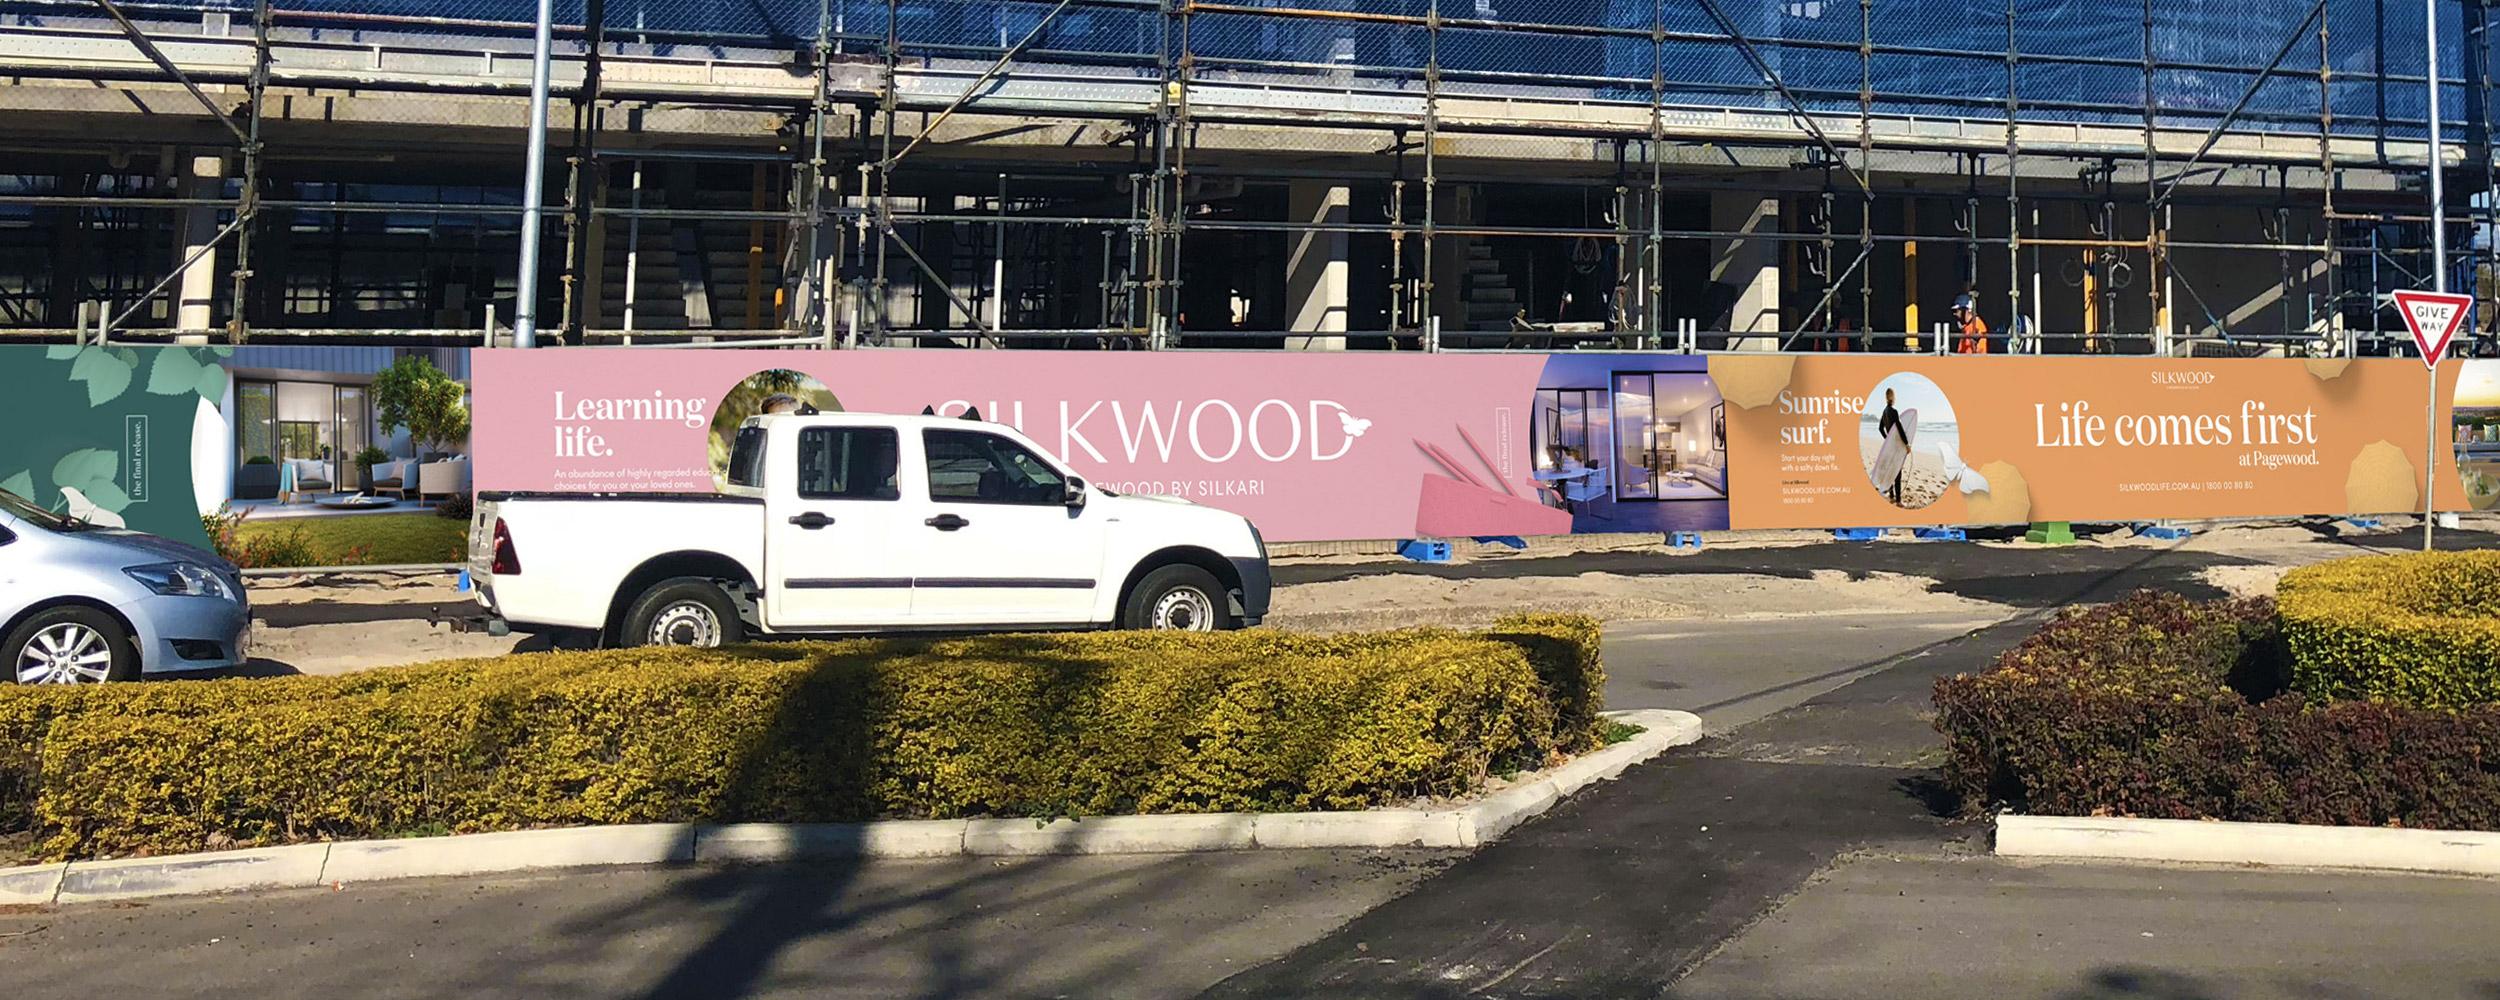 TNG-silkwood-hoarding1.jpg